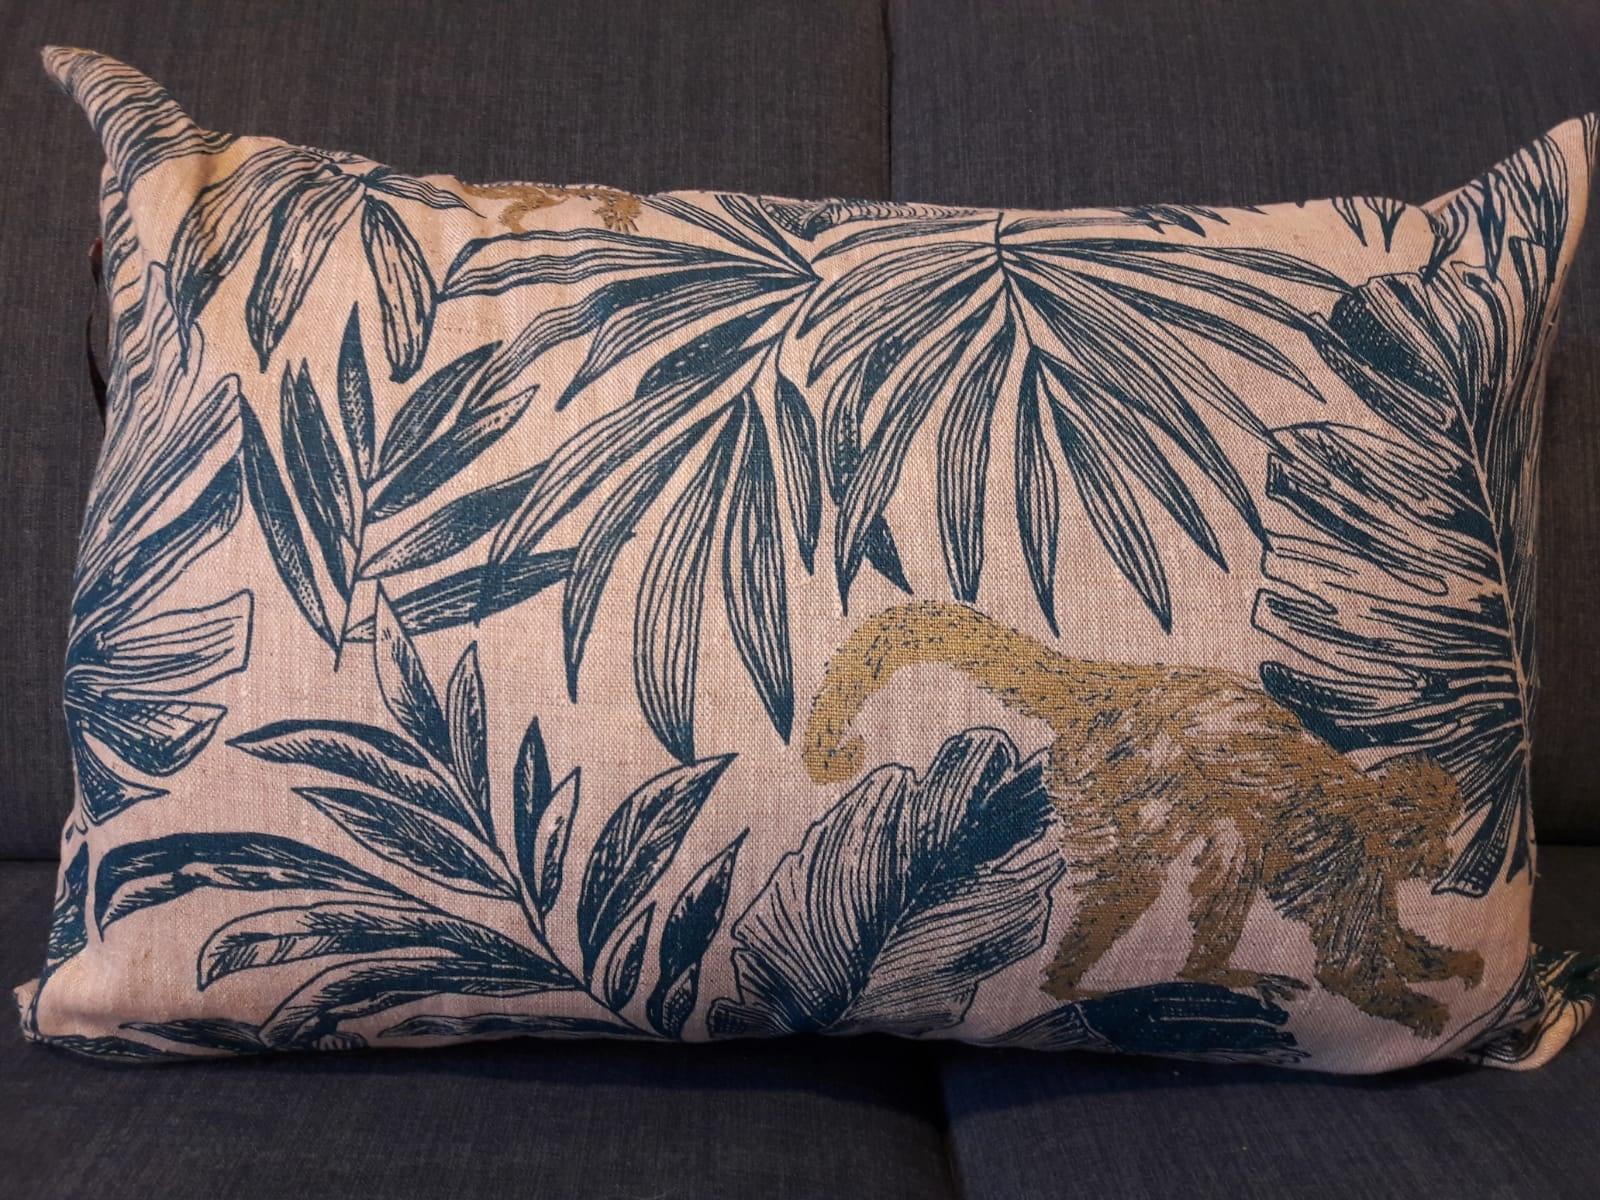 """Le grenier du lin """"chimpanzee"""" pillow"""